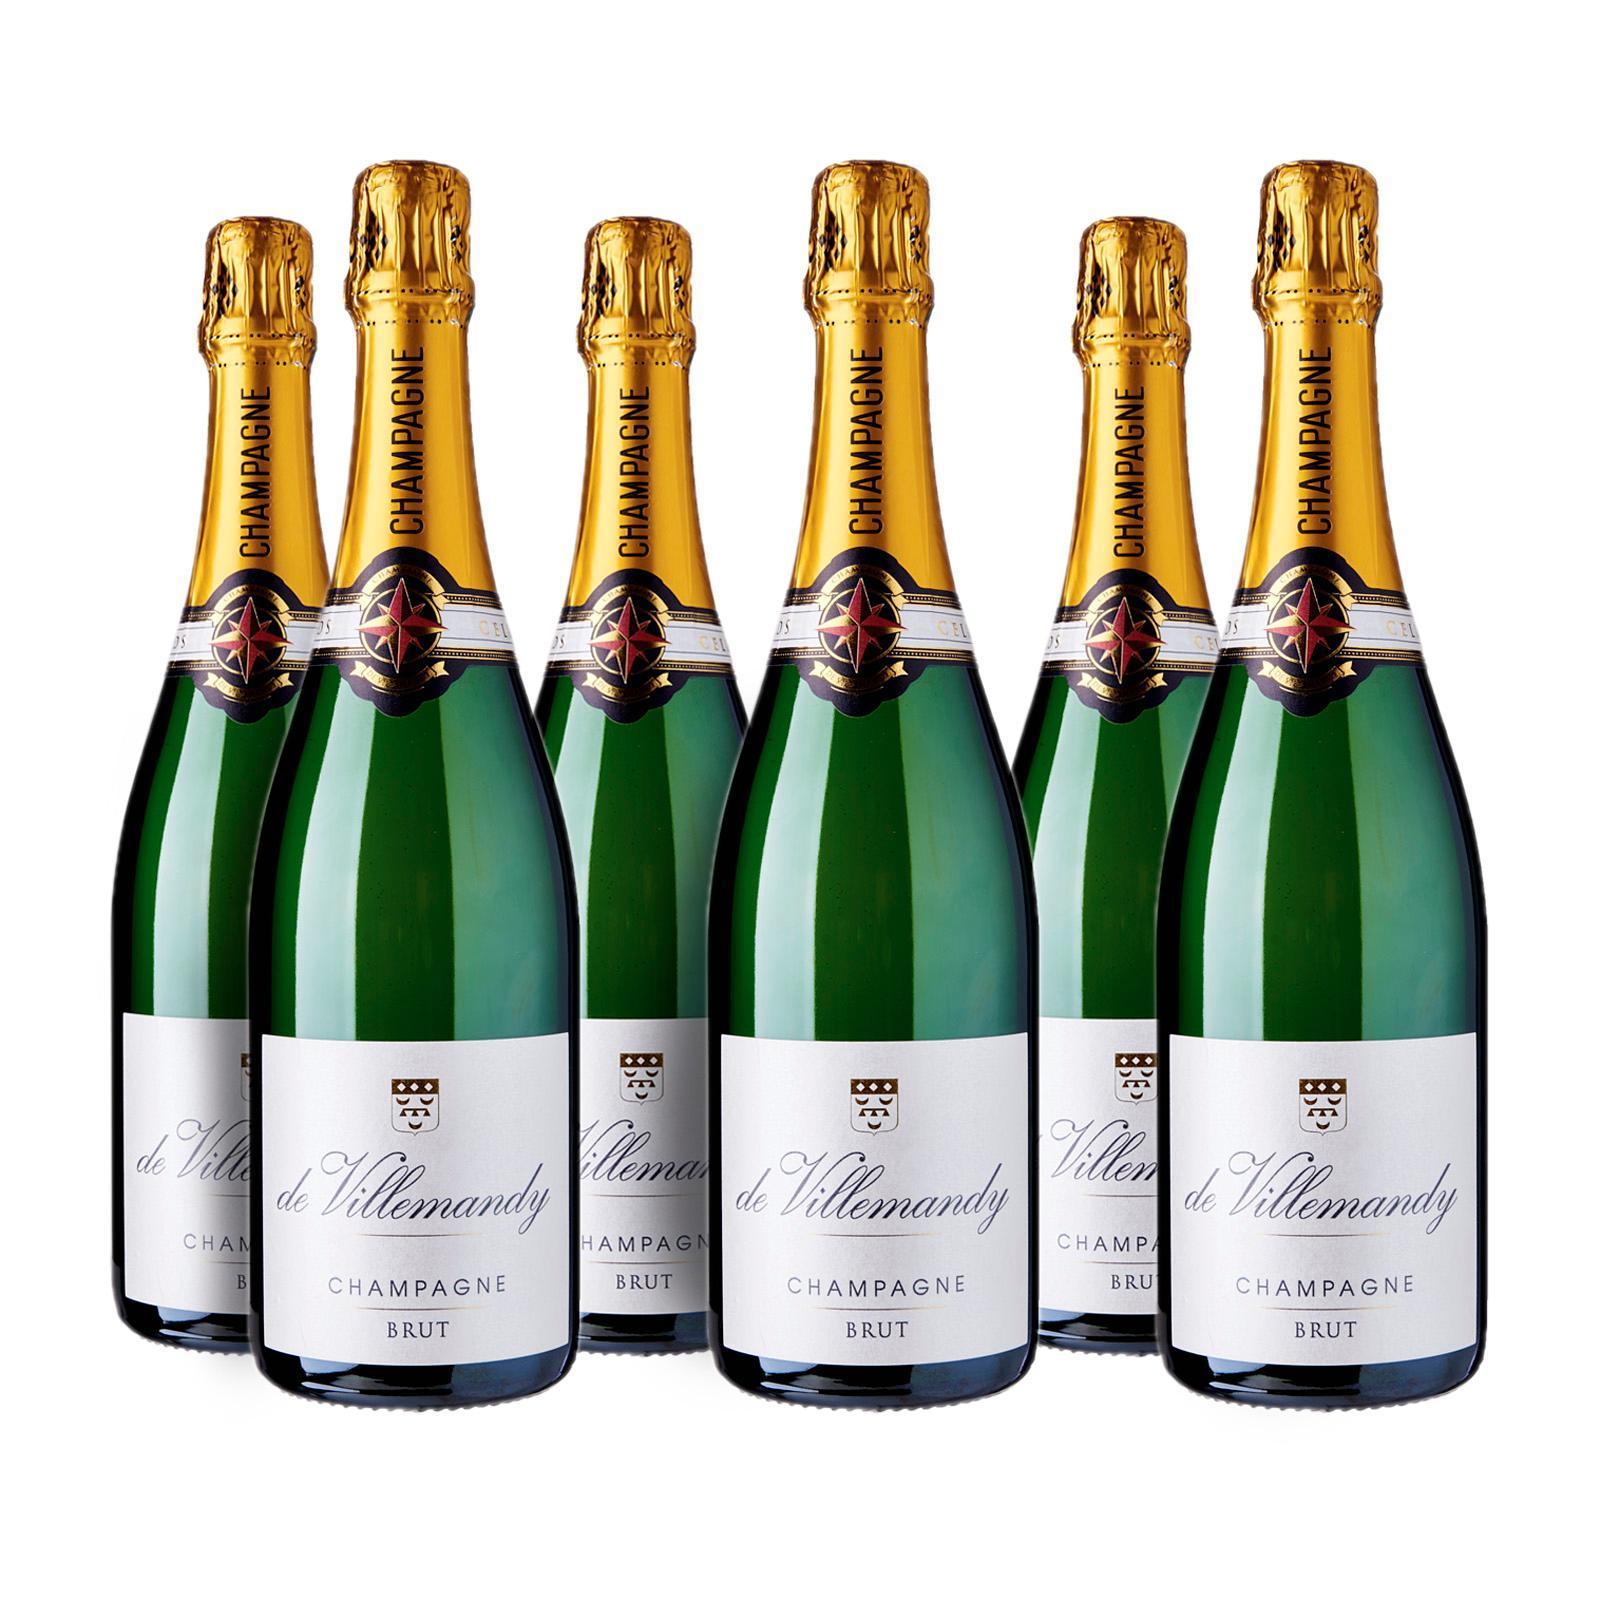 World's Cellar Champagne Brut (Case)